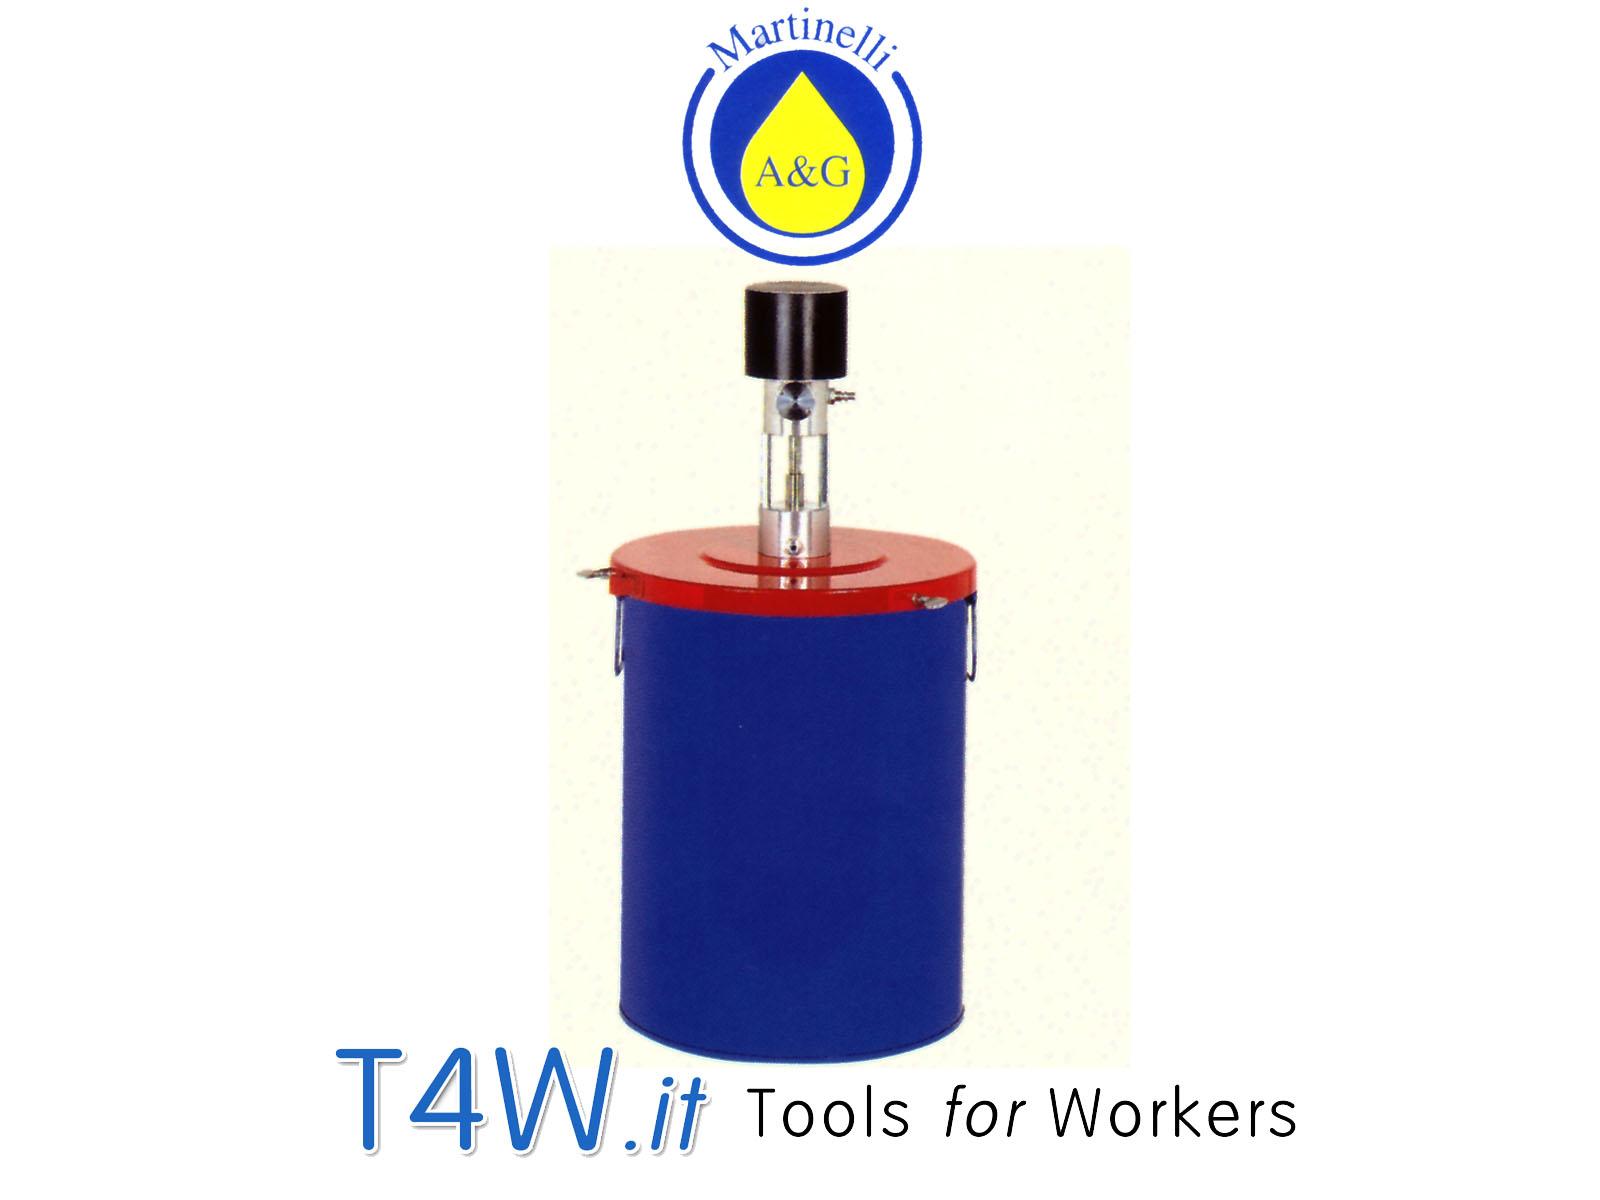 Pompa elettrica per fusti gasolio 220 Volt Art. 2707 Martinelli -